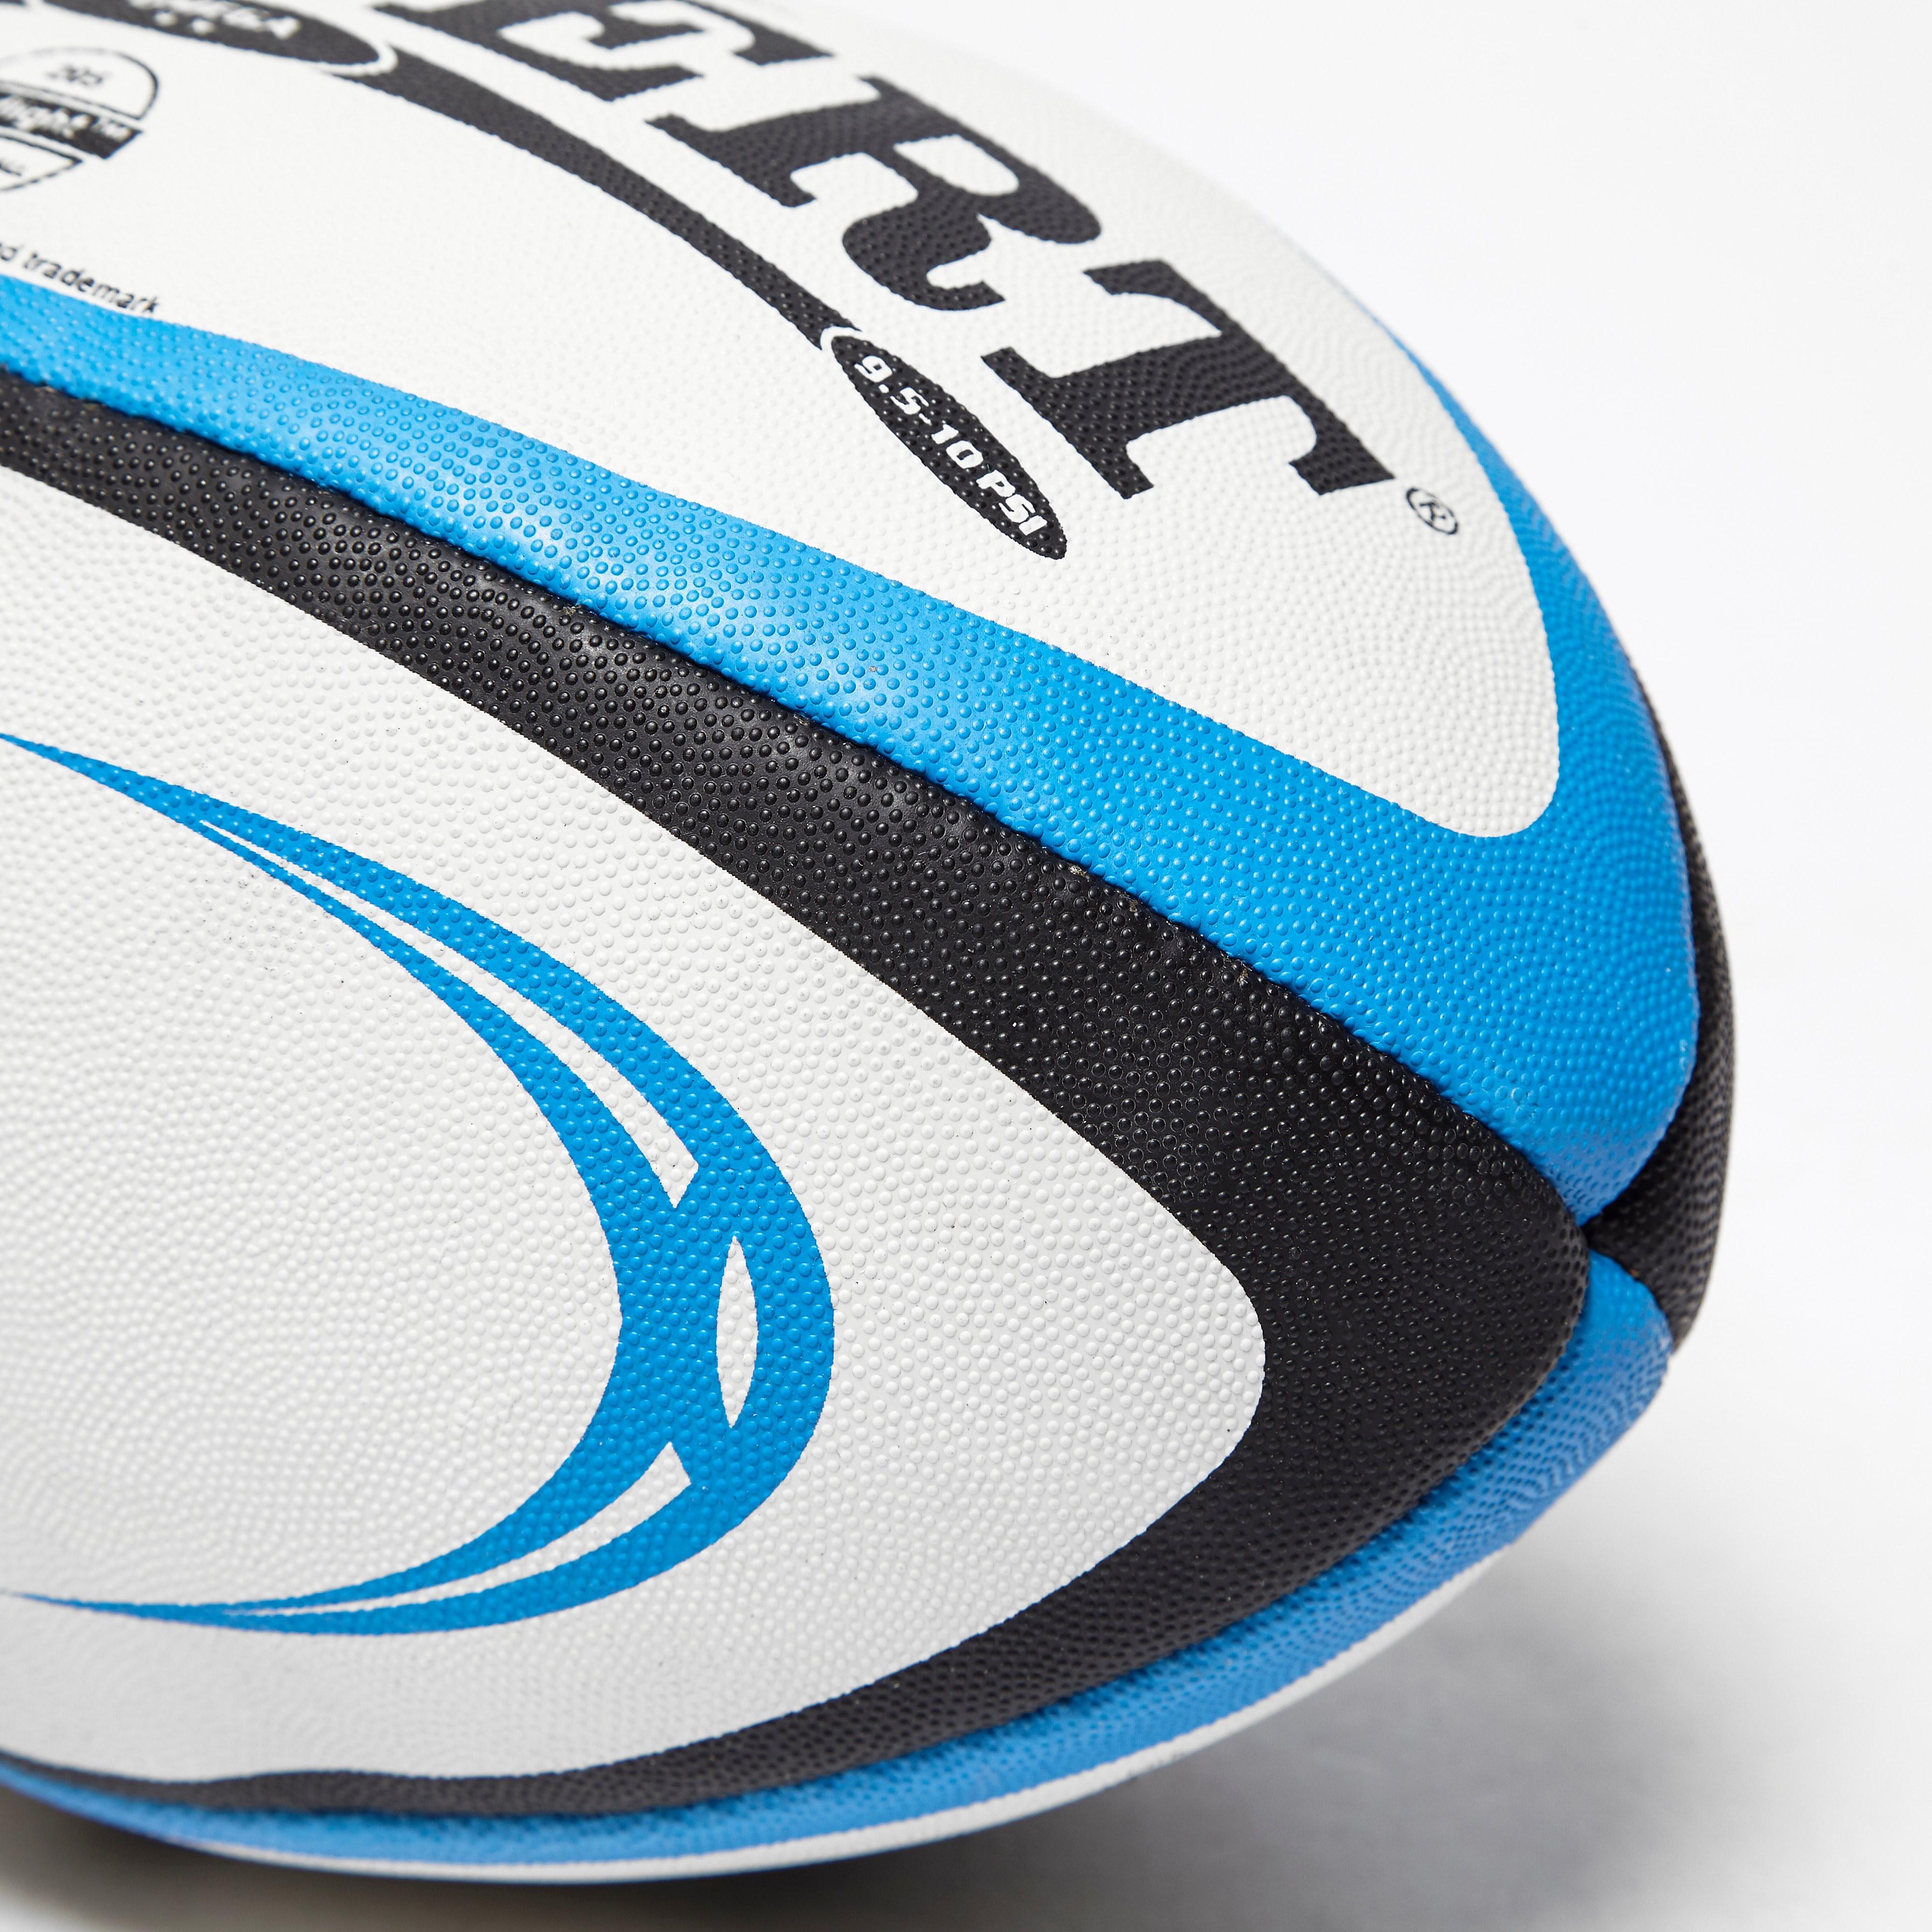 Gilbert Omega Rugby Match Ball